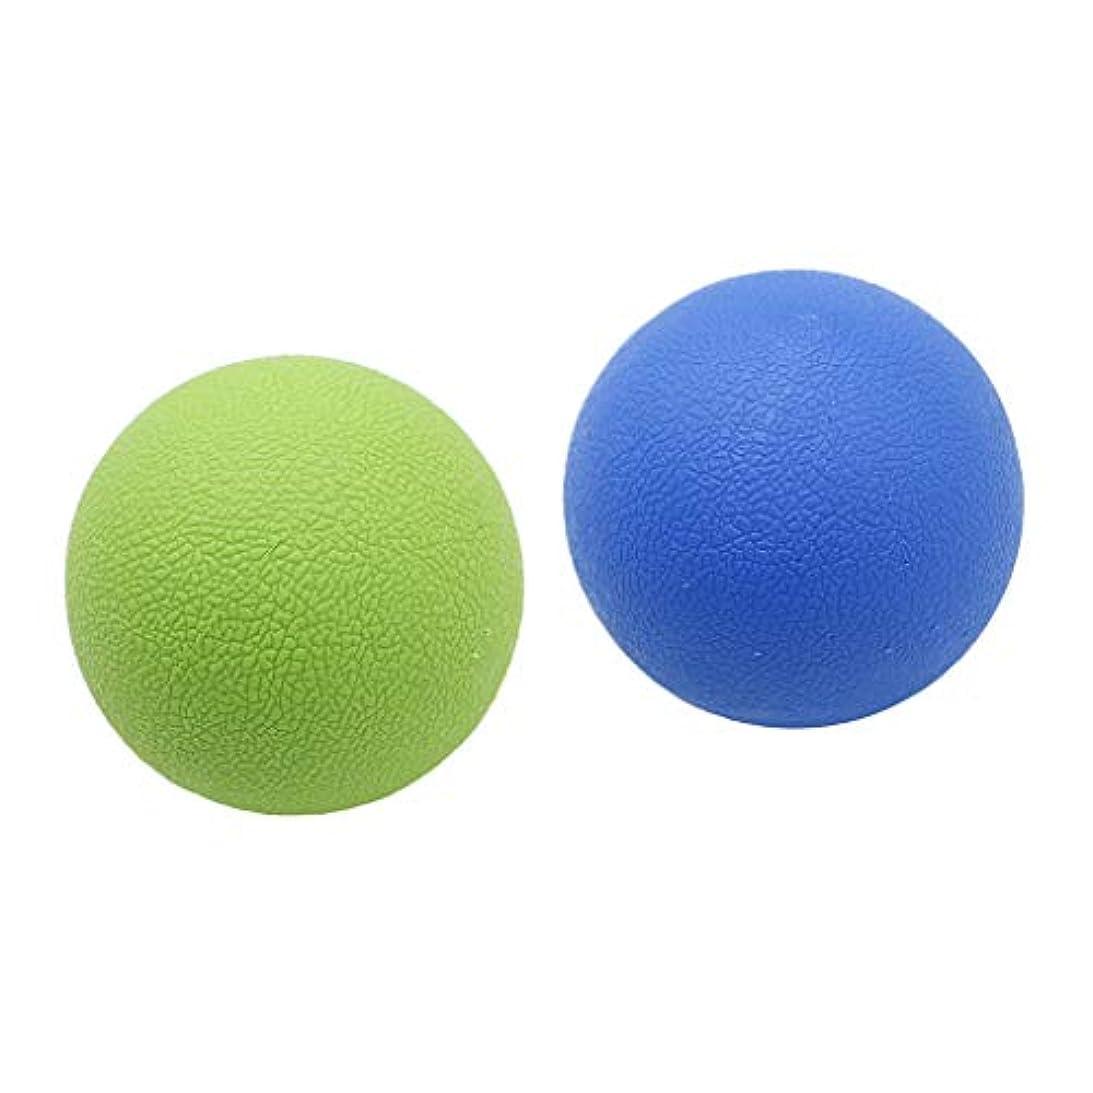 再編成するシビック案件2個 マッサージボール ラクロスボール トリガーポイント 弾性TPE 健康グッズ ブルーグリーン